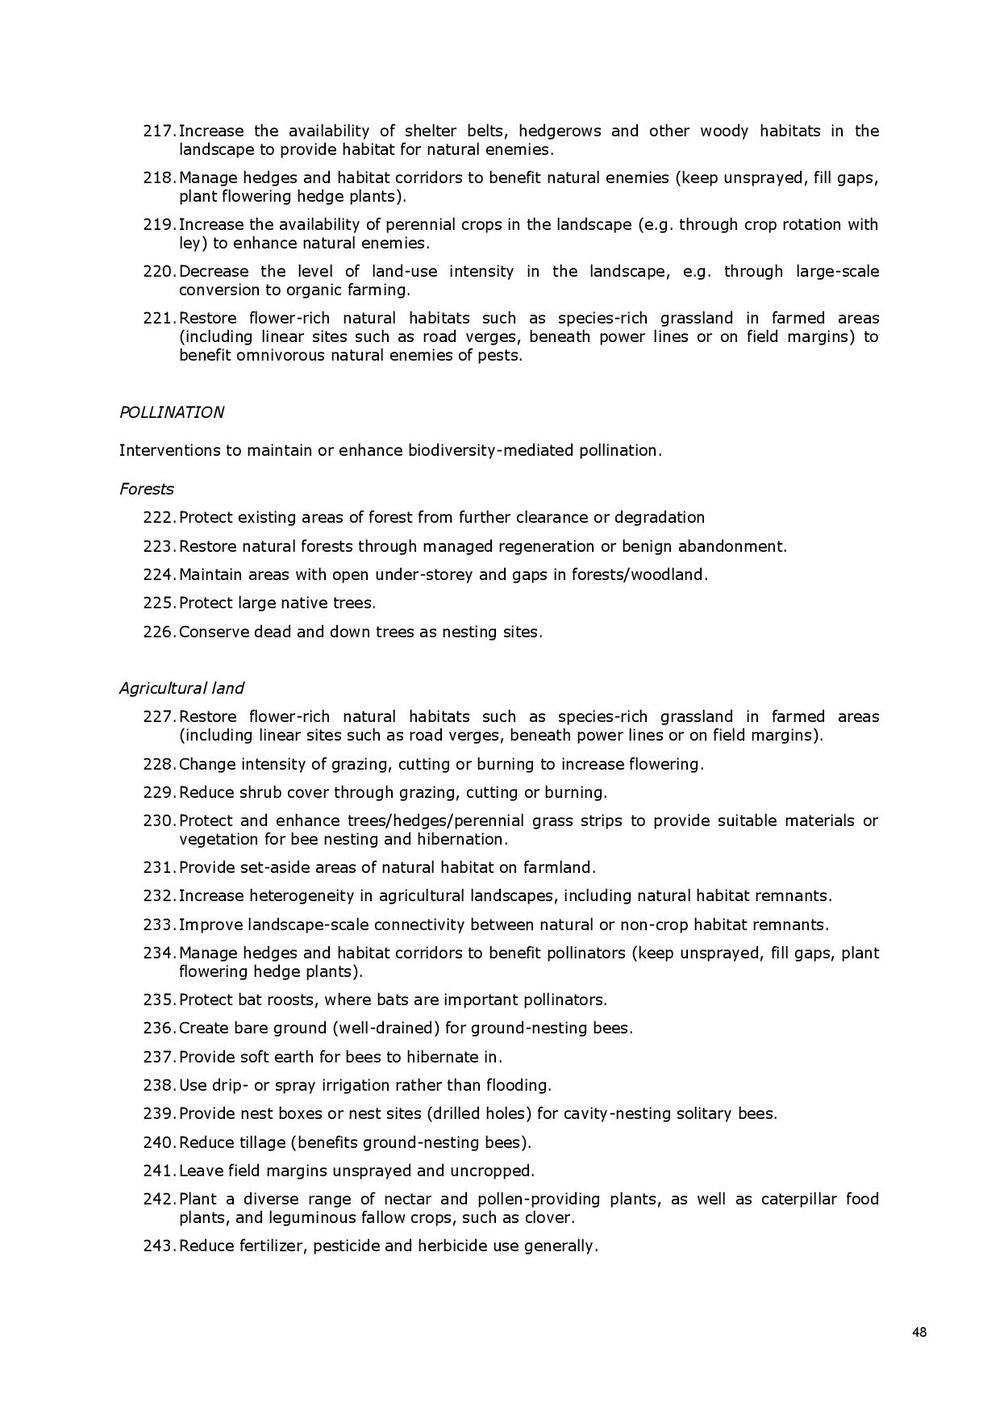 DG RTD_WEB-Publication A4_NBS_long_version_20150310-page-050.jpg